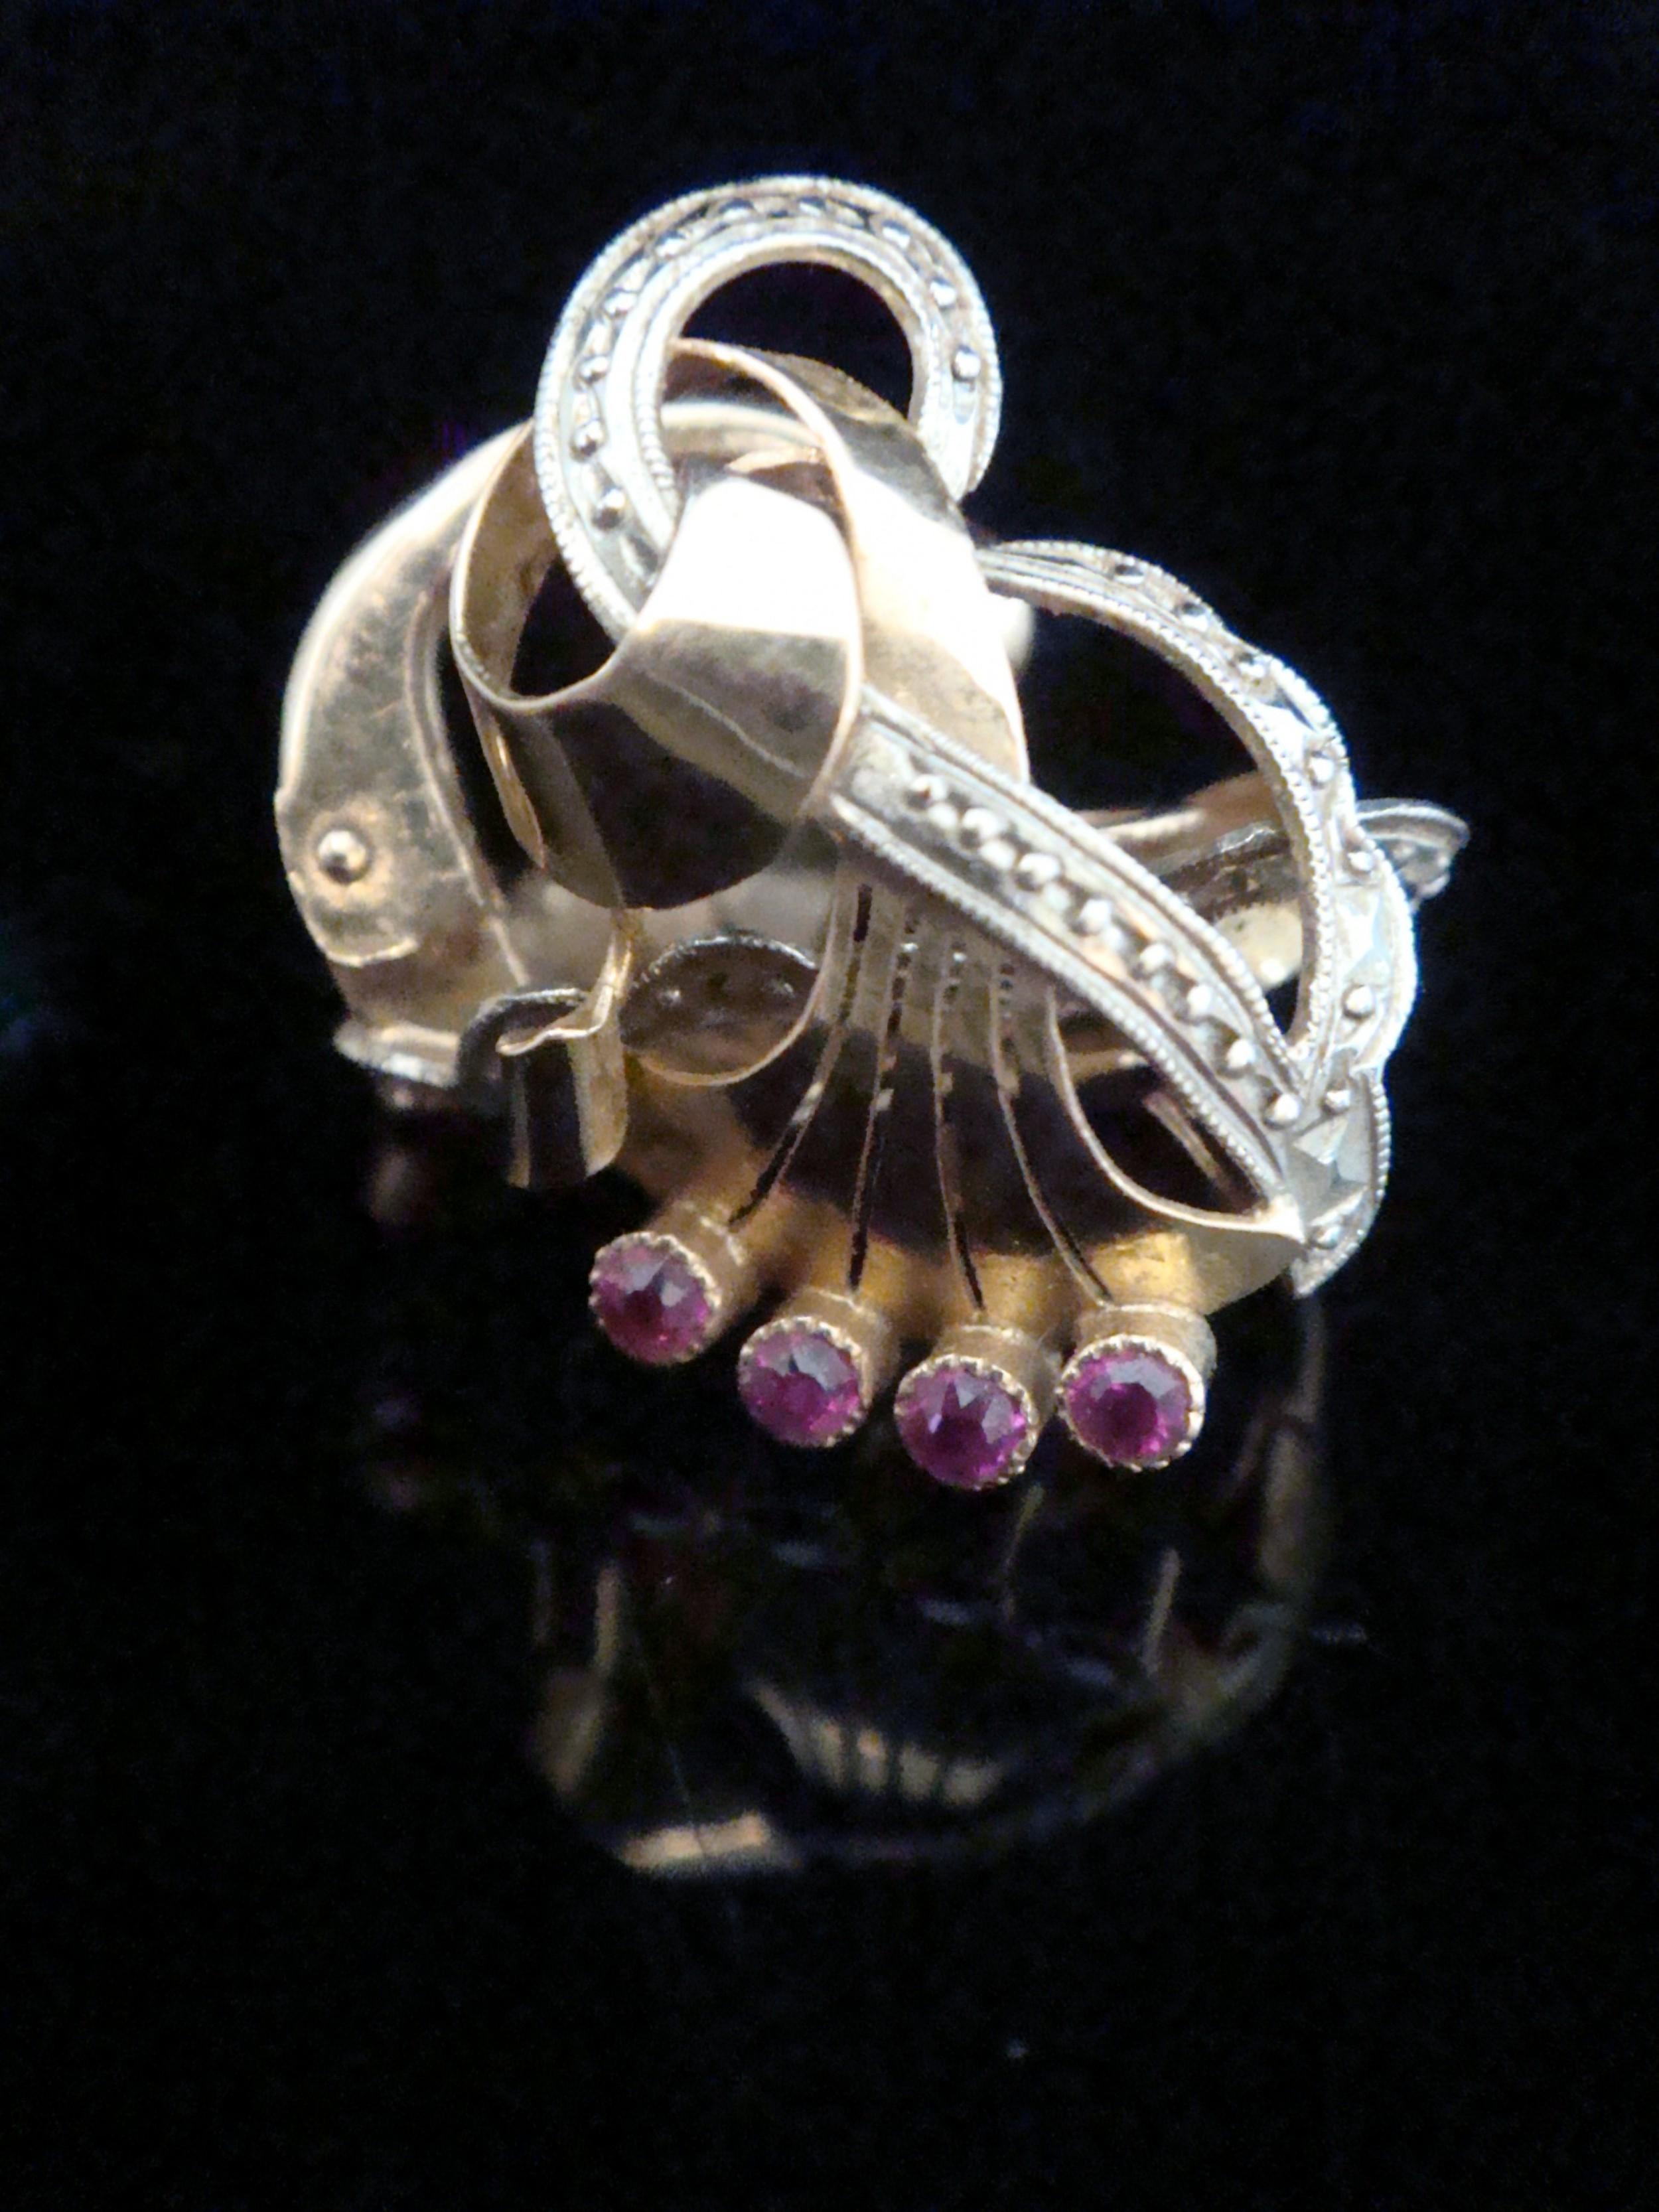 edwardian high carat 18ct ruby fan clip earrings likely french